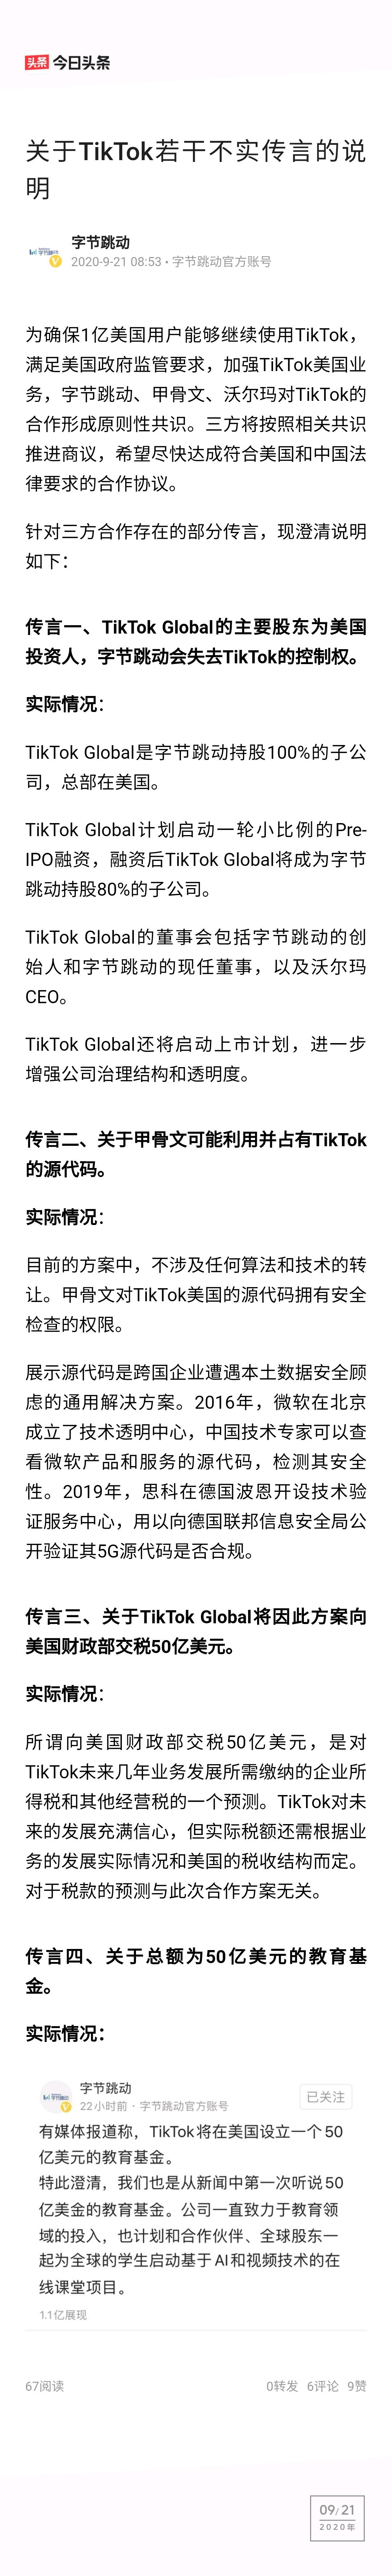 字节跳动最新声明:TikTok将成为旗下持股80%子公司;交易不涉及算法和技术转让